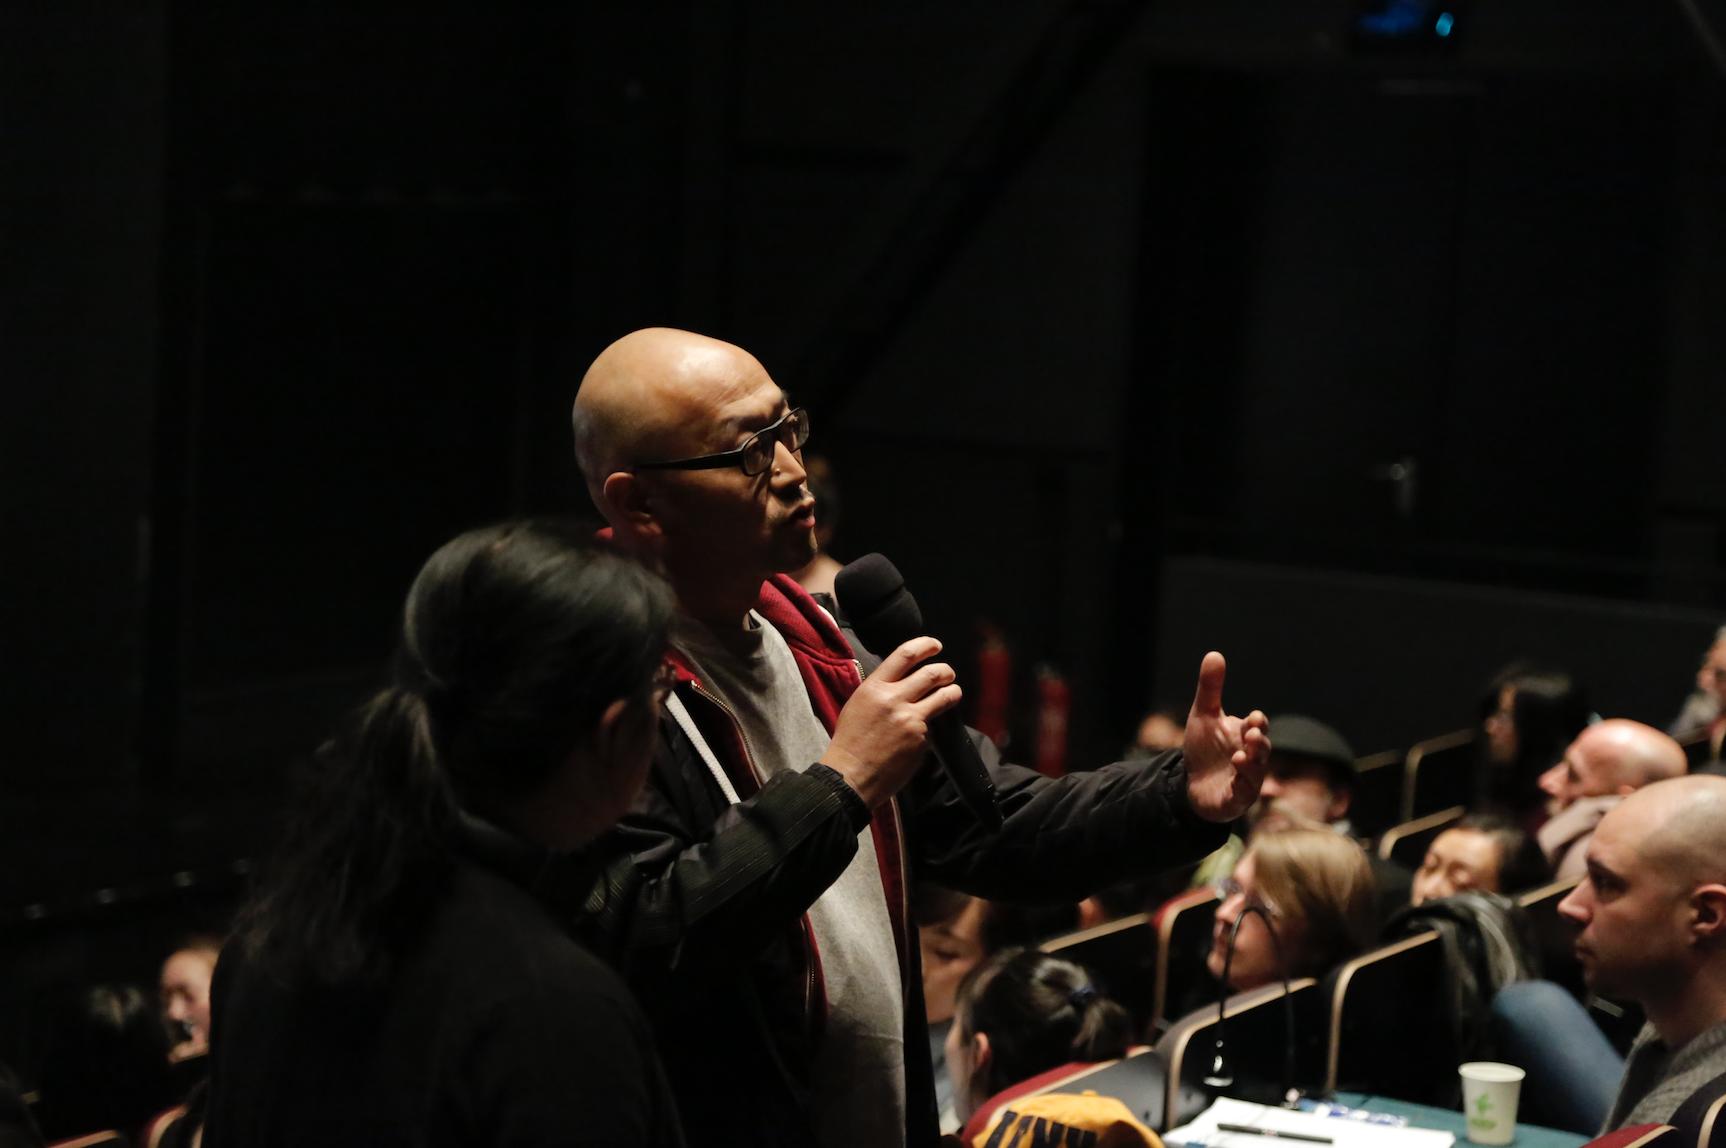 Director Tian Gebing